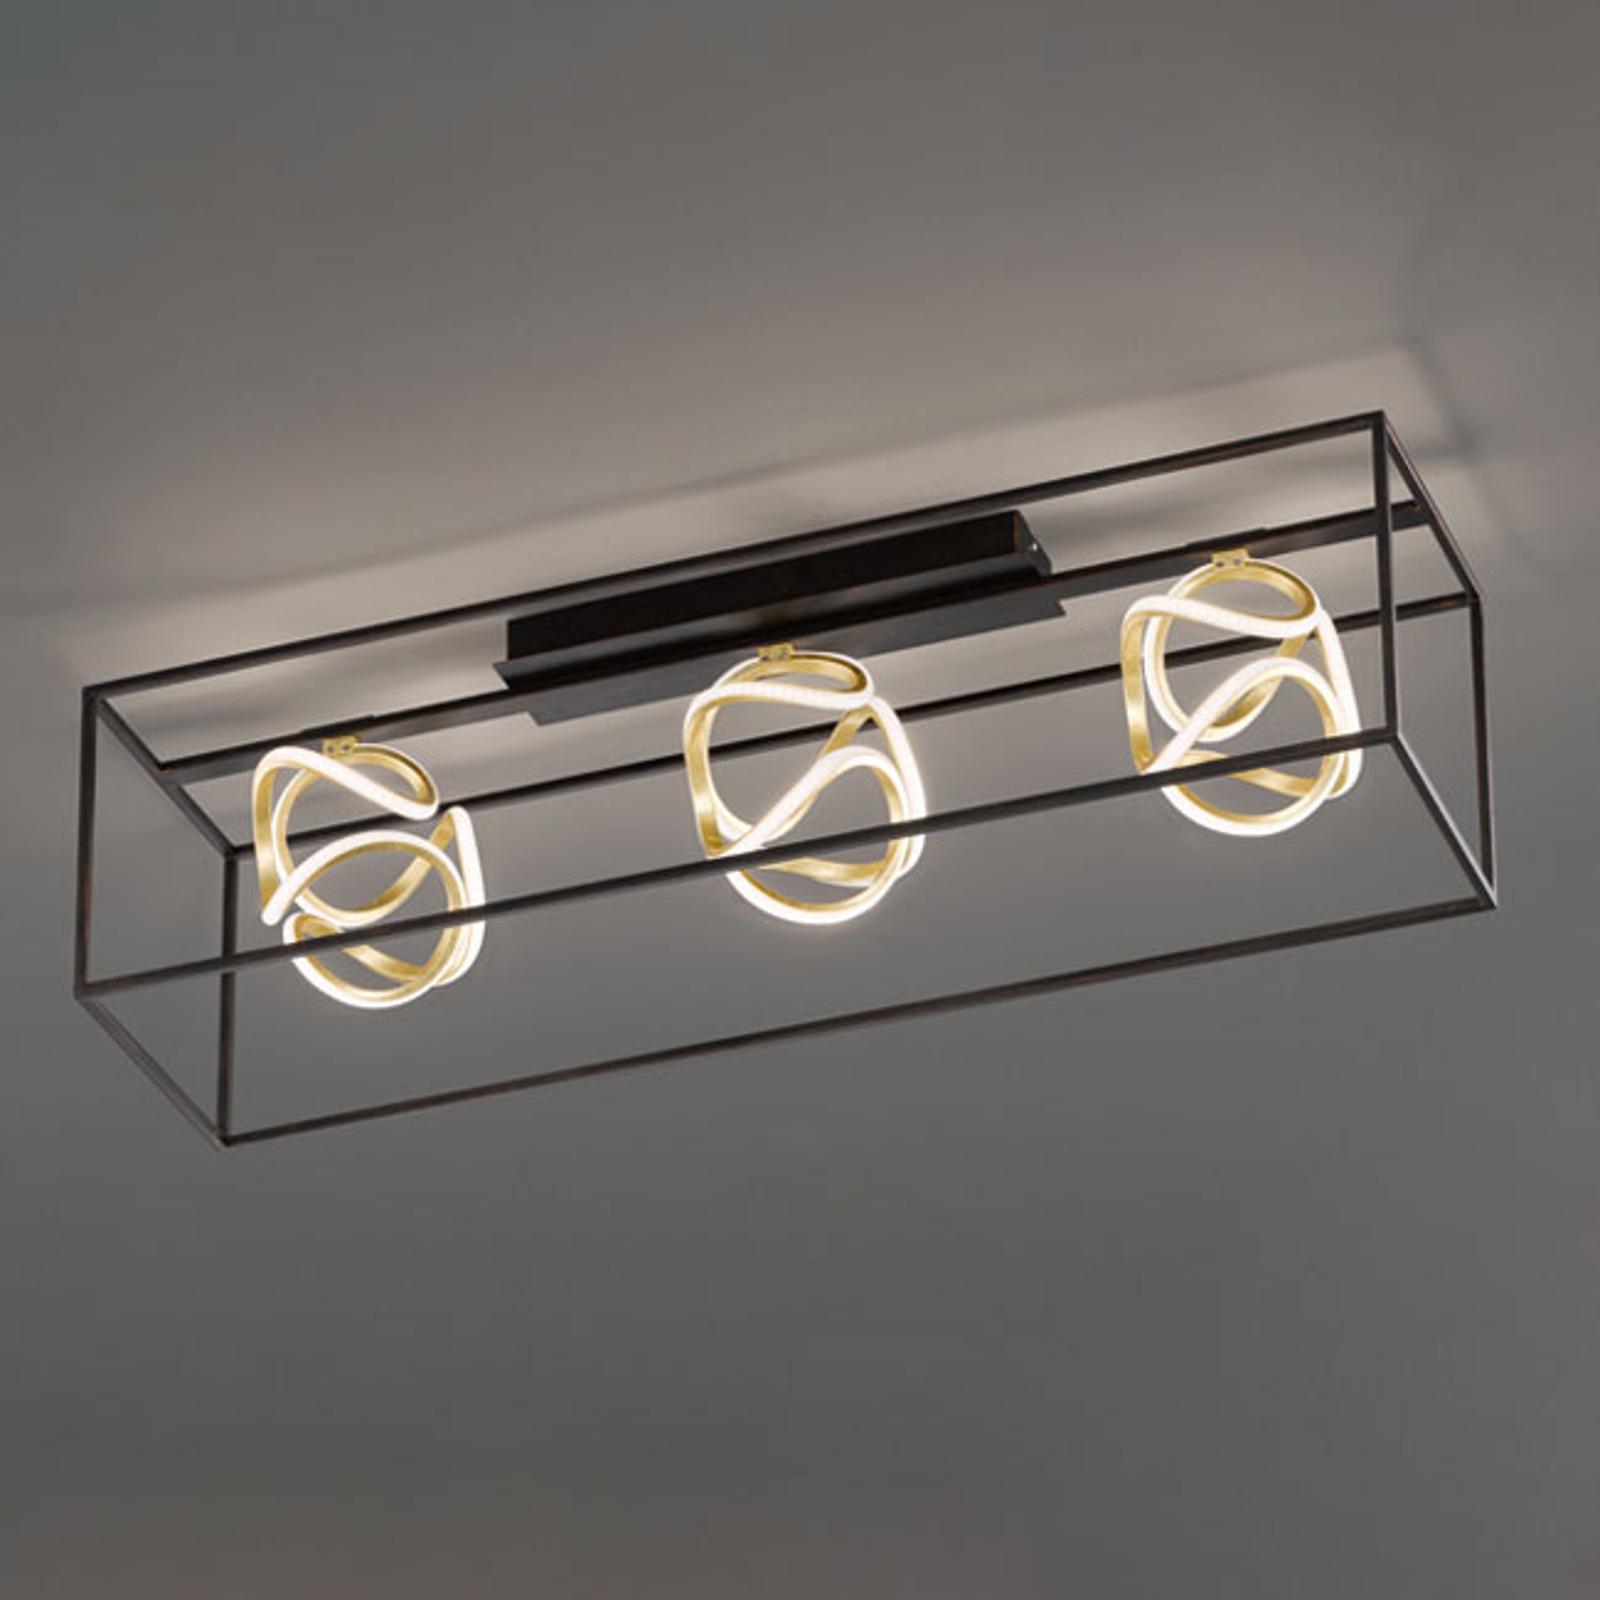 LED-Deckenleuchte Gesa mit Metallkäfig